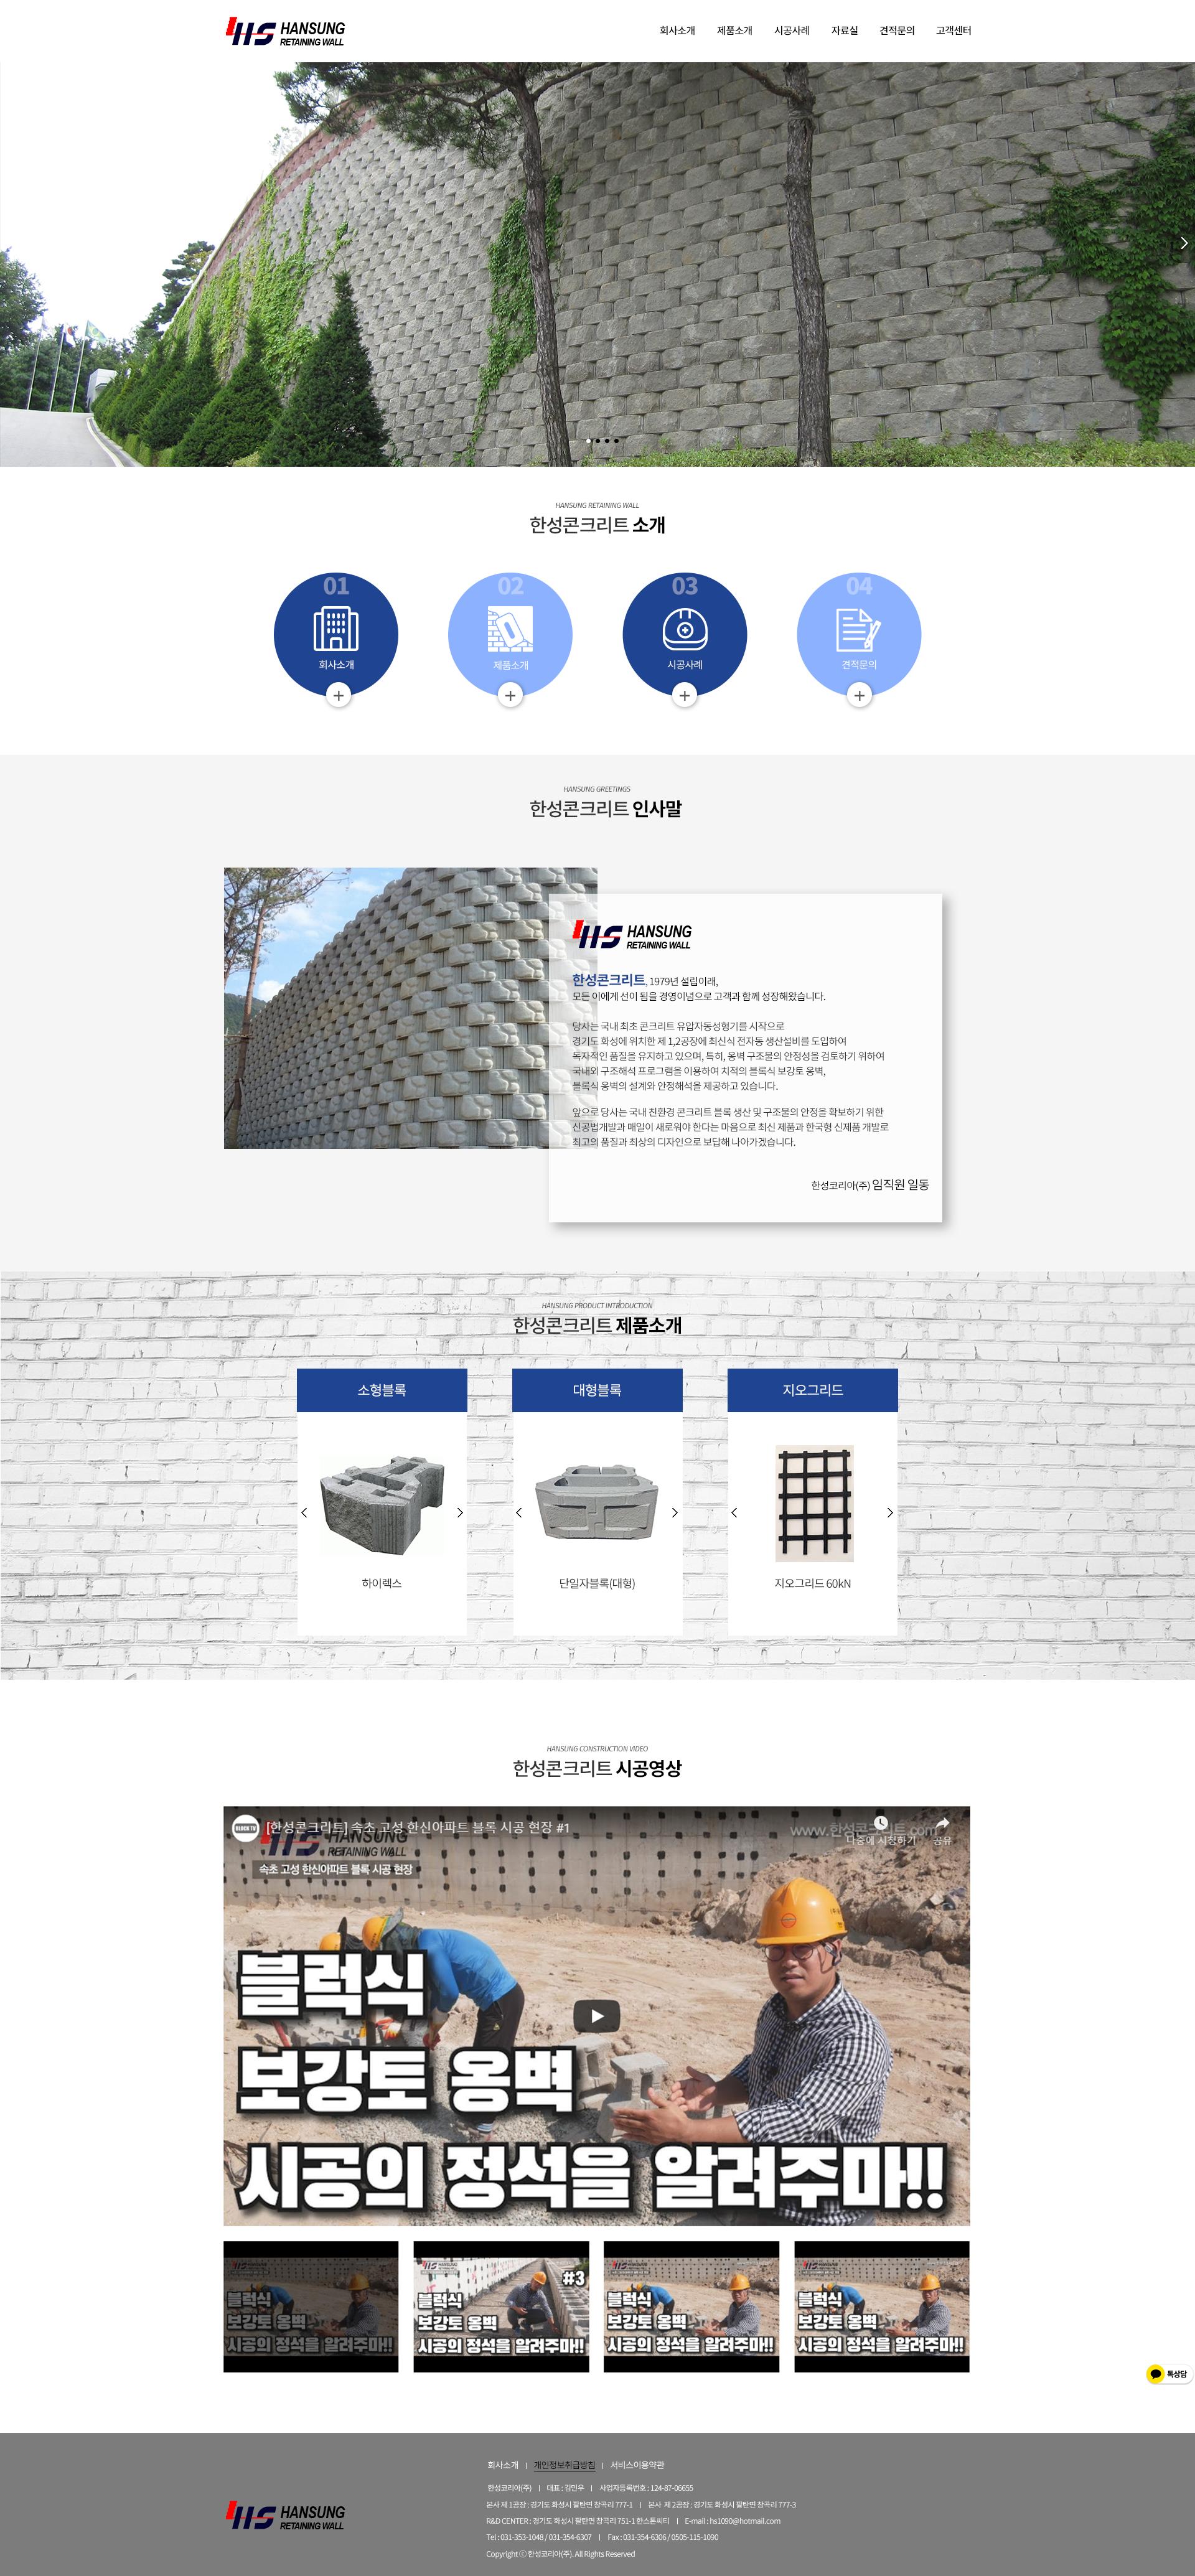 [반응형 회사홈페이지] 콘크리트  제품 전문회사 주식회사 한성콘크리트